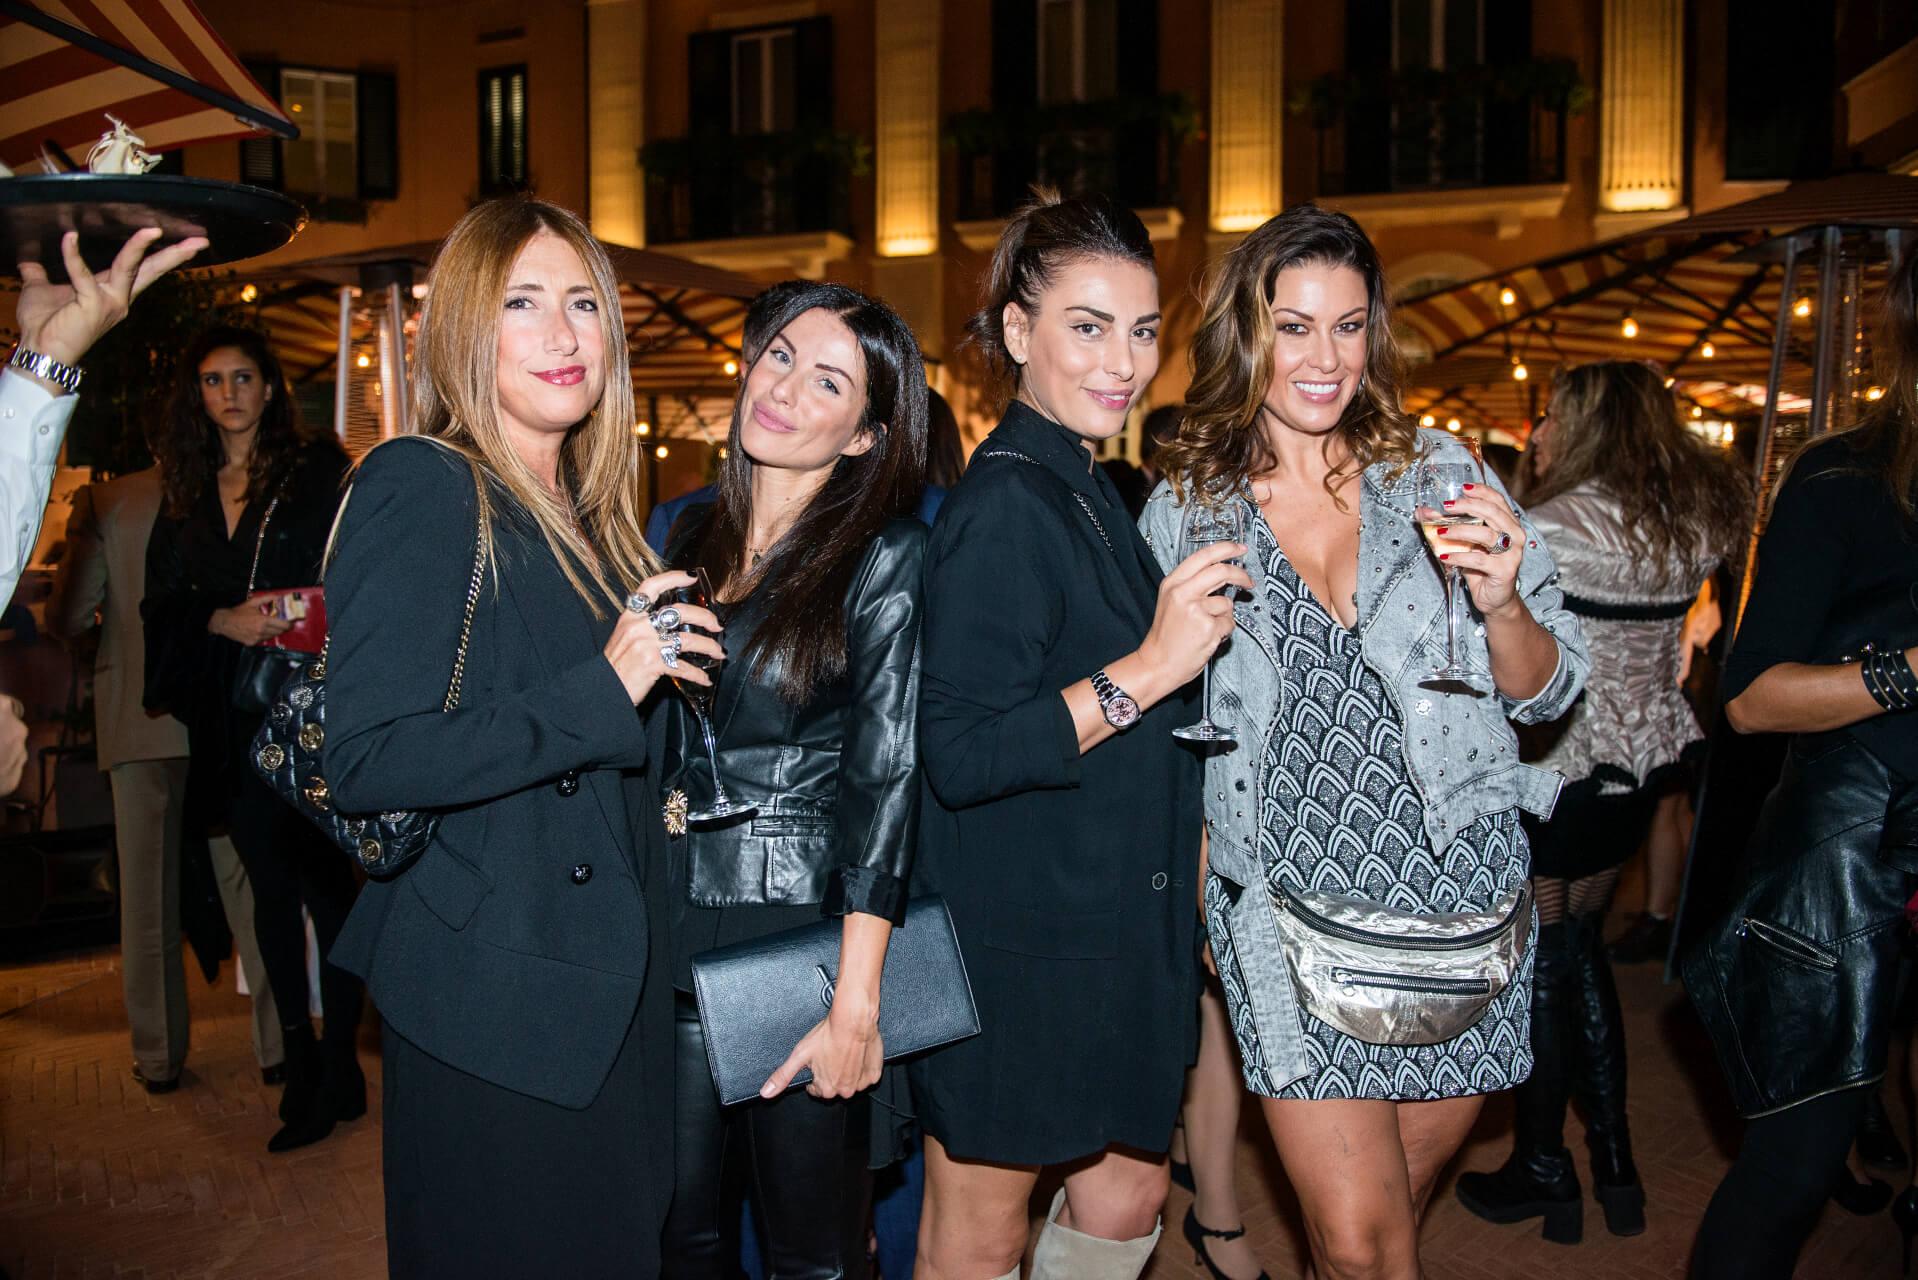 Simona Sofia, Francesca Cappabianca, Lata Costanzo, Rachele di Fiore